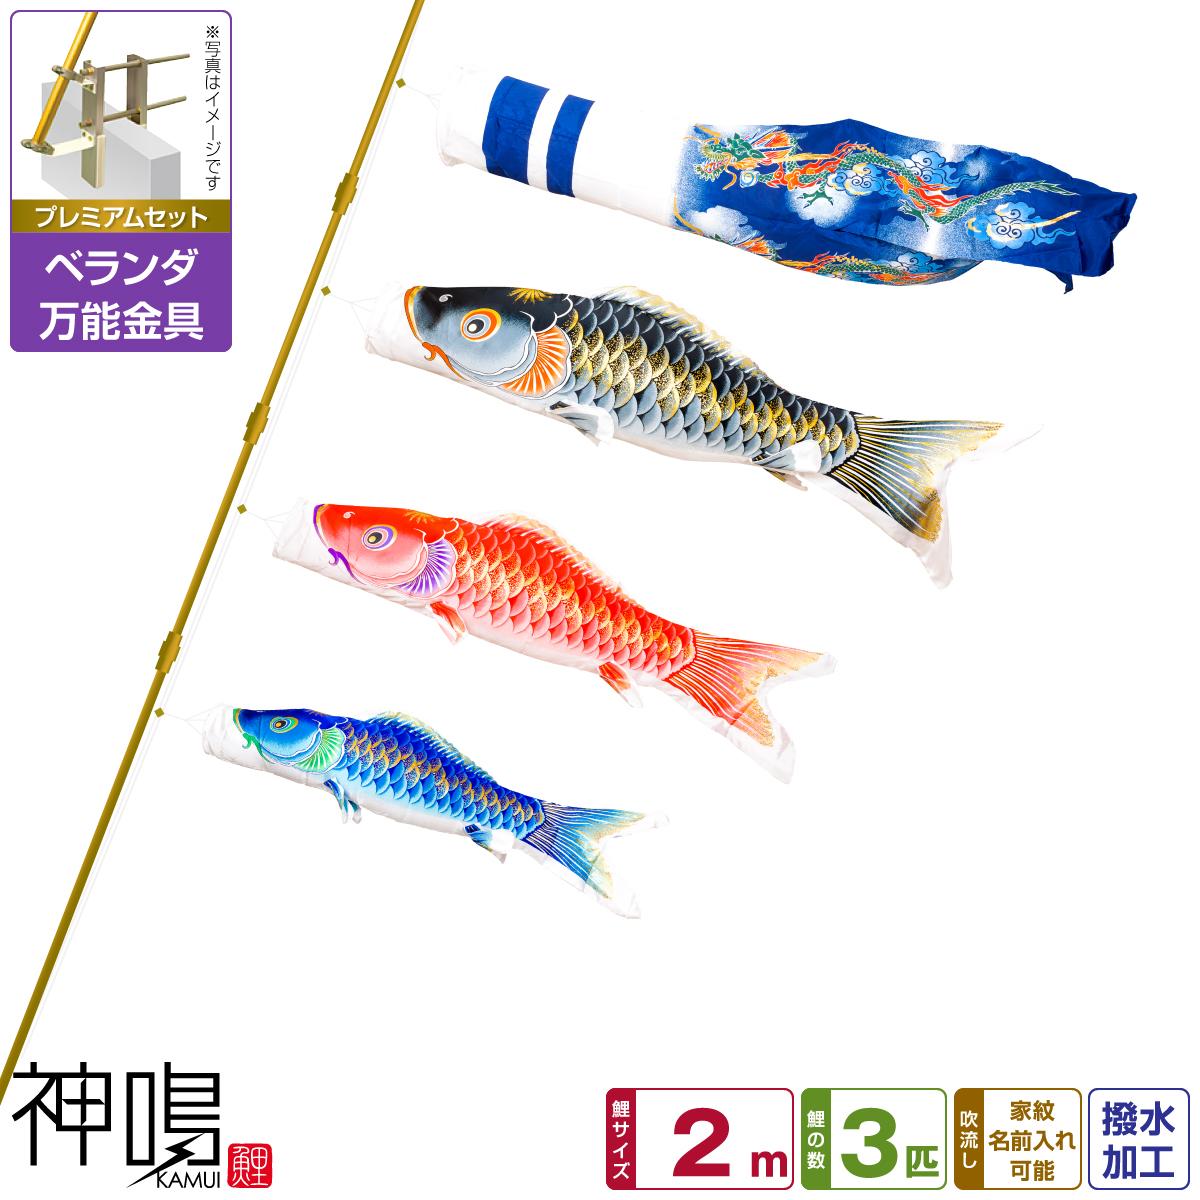 ベランダ用 鯉のぼり 神鳴鯉-KAMUI- 2m 6点(吹流し+鯉3匹+矢車+ロープ)/プレミアムセット(万能取付金具)